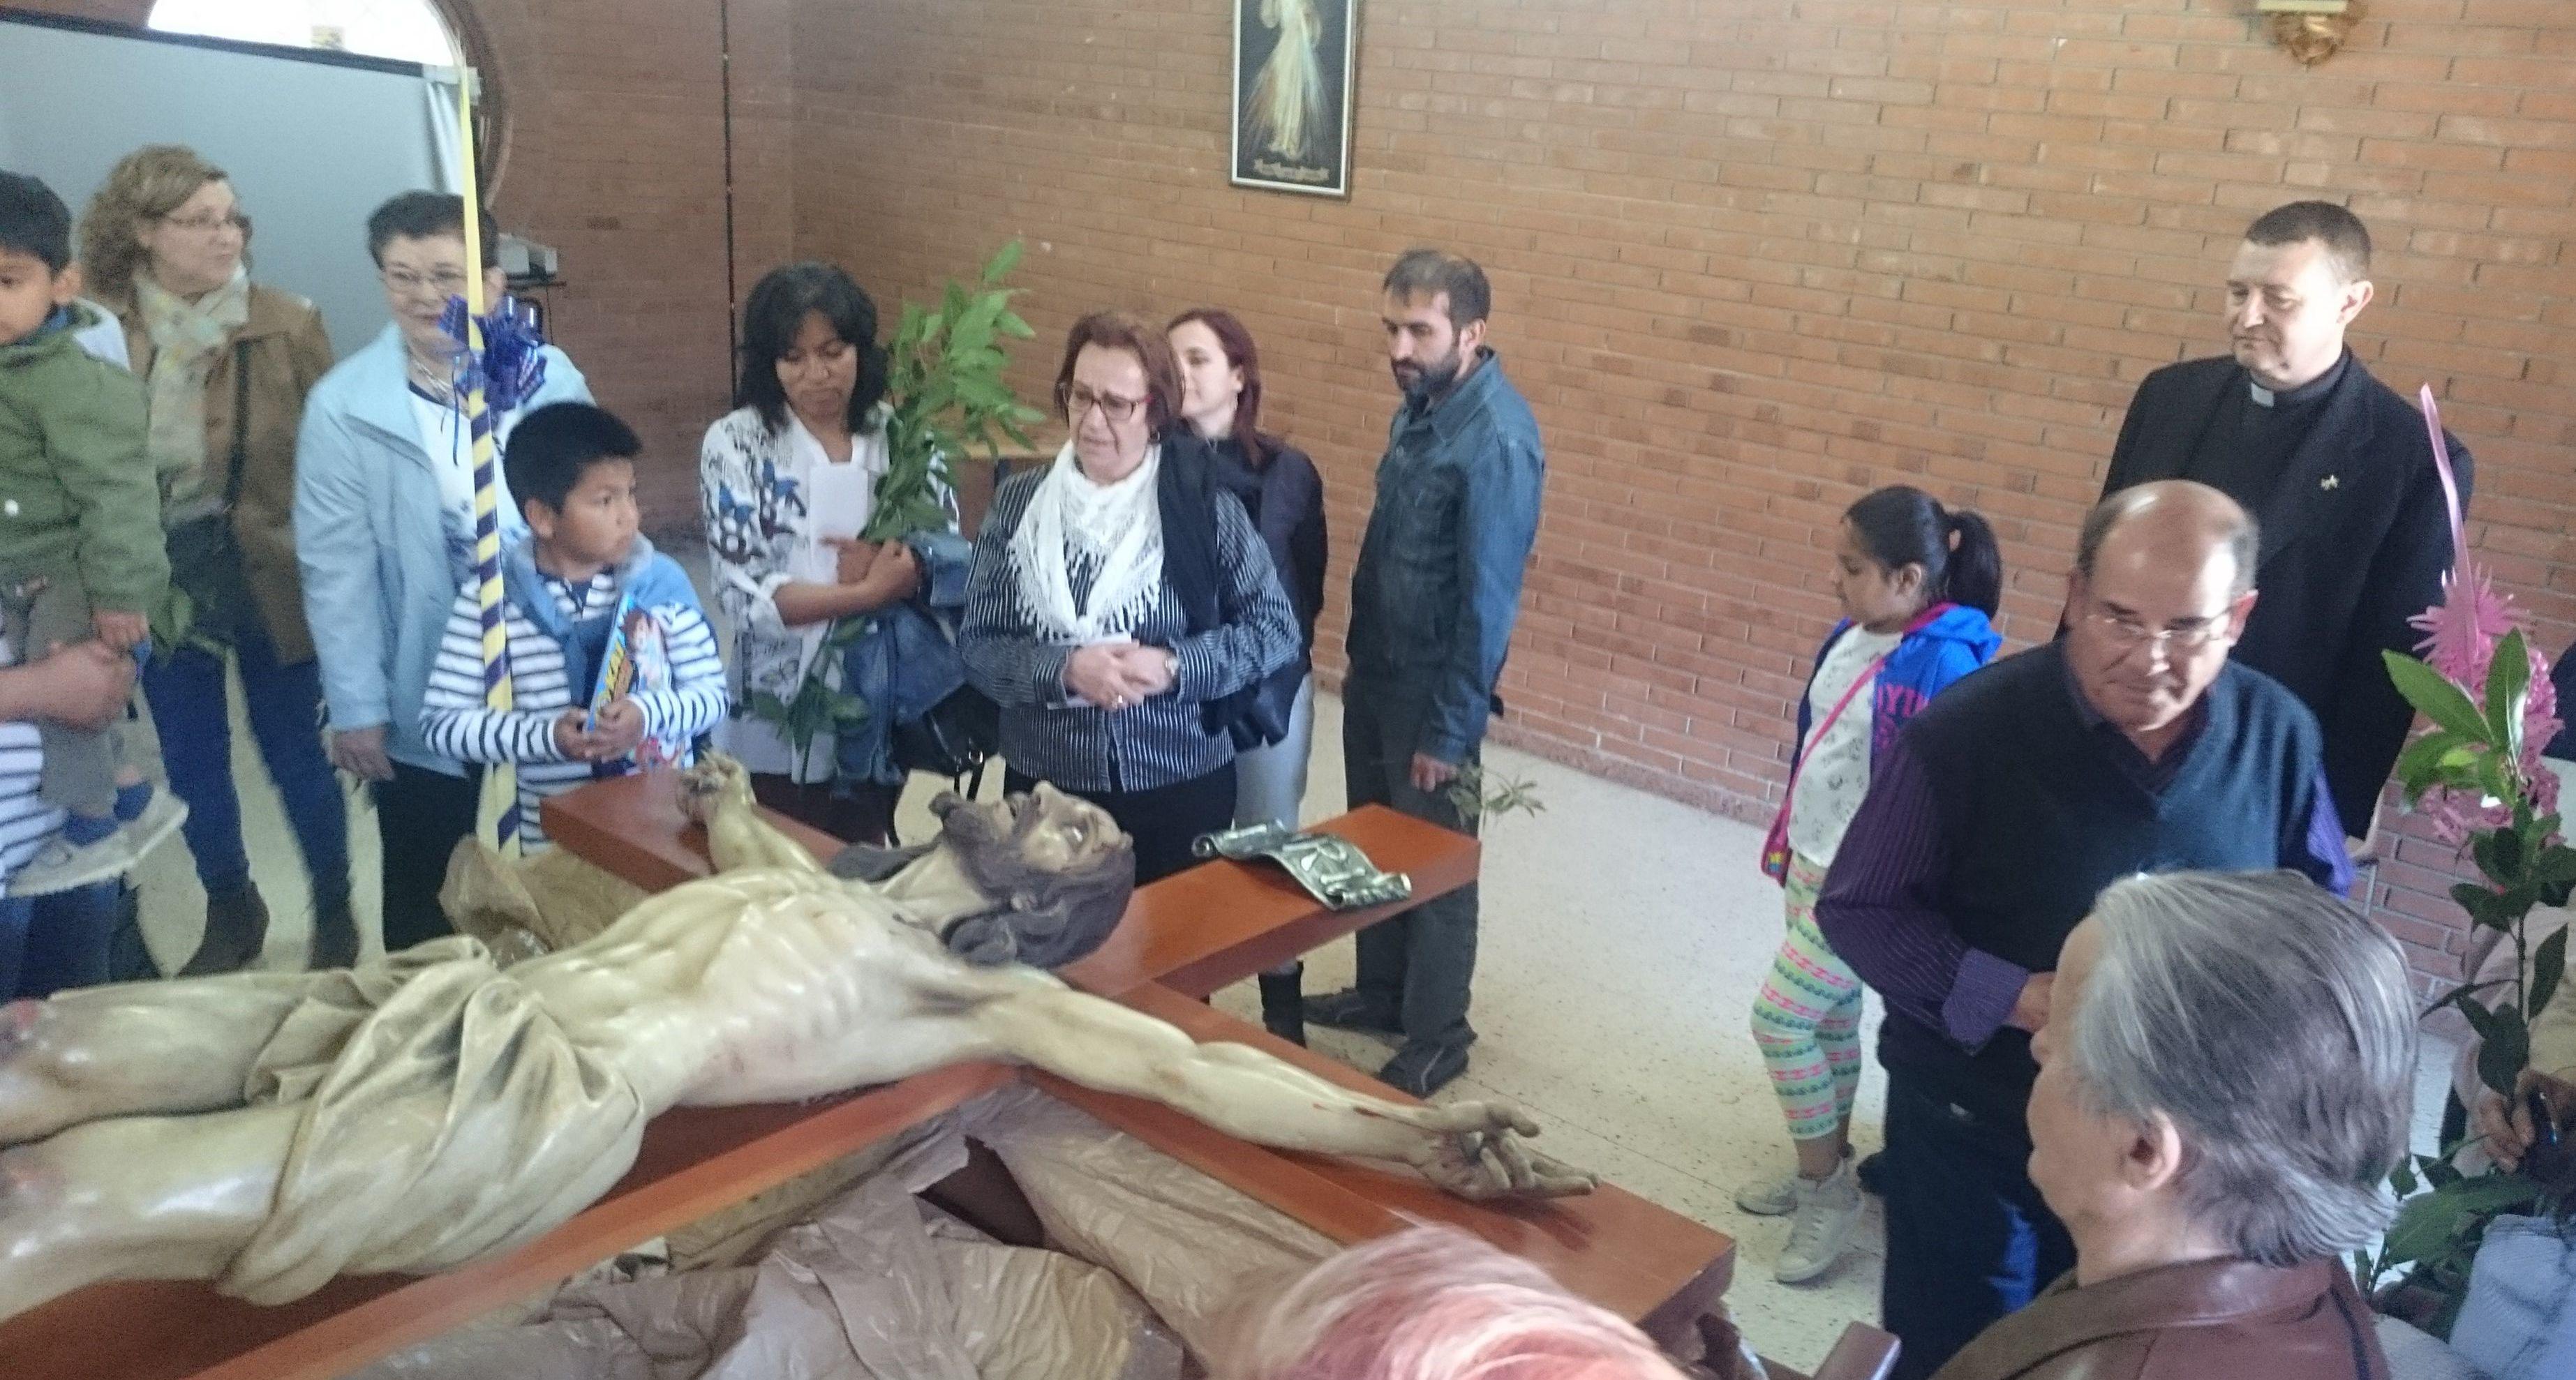 Foto 48 de Servicios sociales en El Ejido | Democracia Sindical y Social